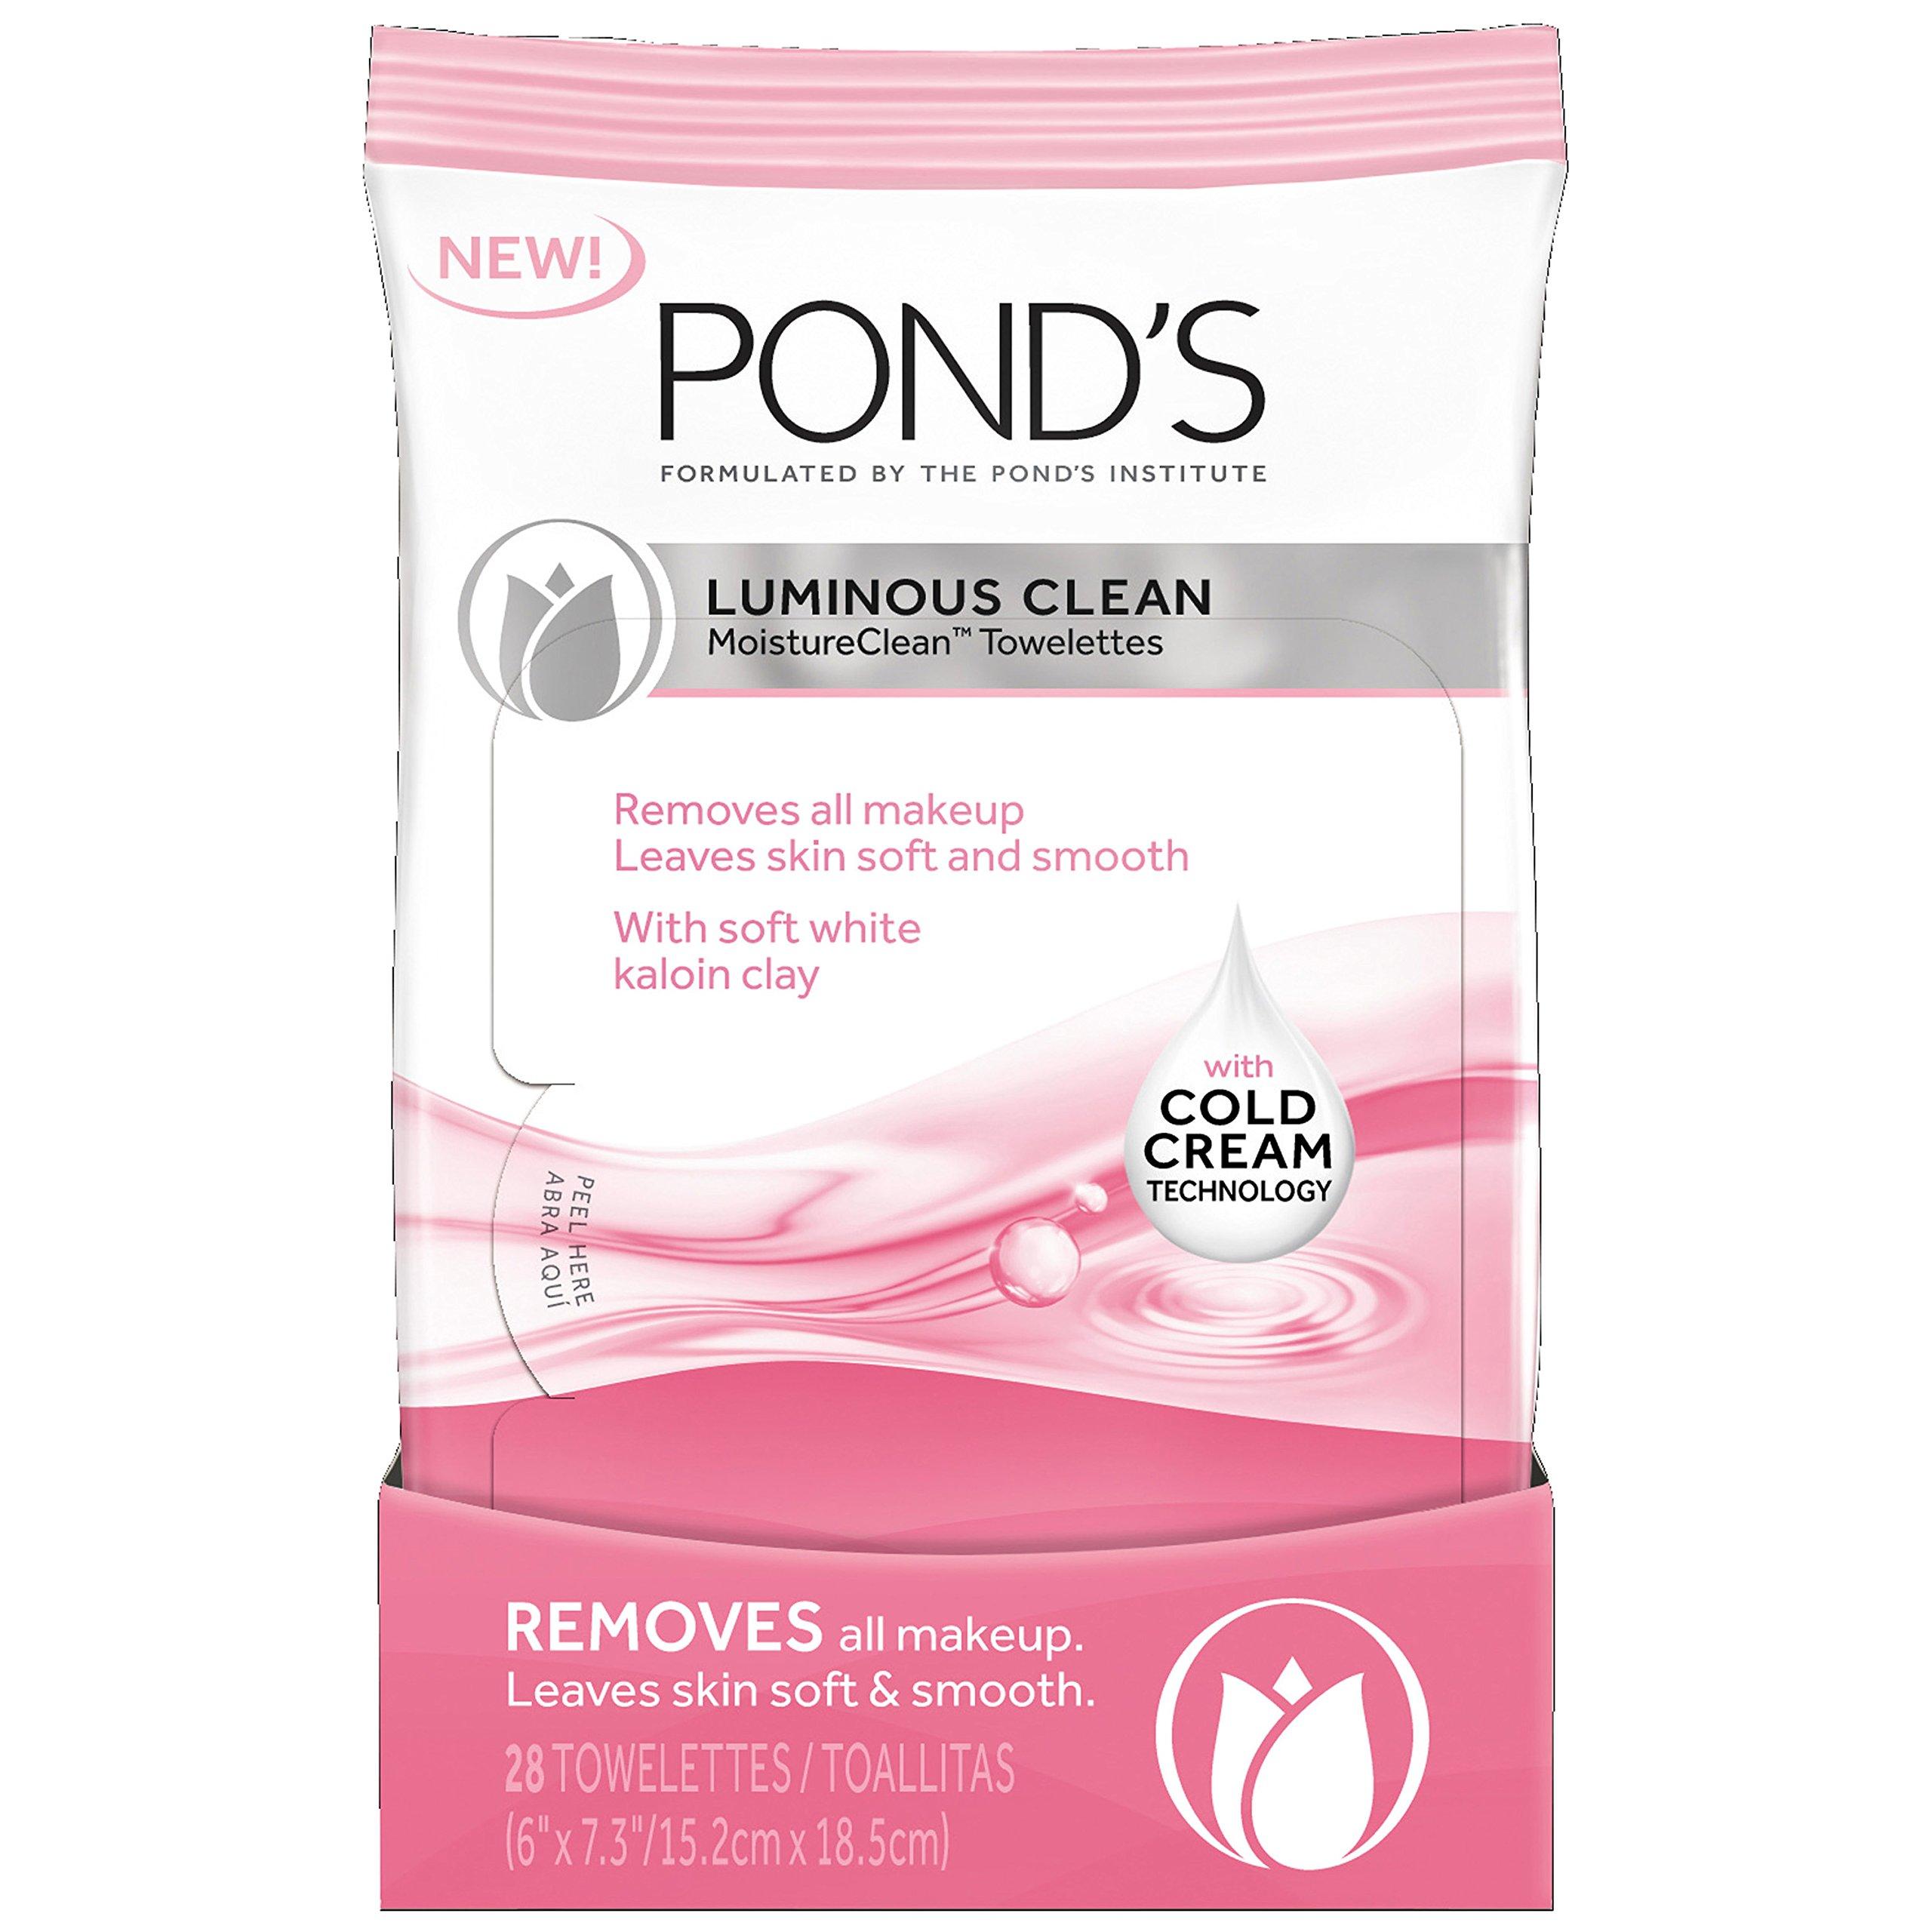 Amazon.com: Ponds Moisture Clean Towelettes, Luminous Clean 28 ct (Pack of 3): Beauty